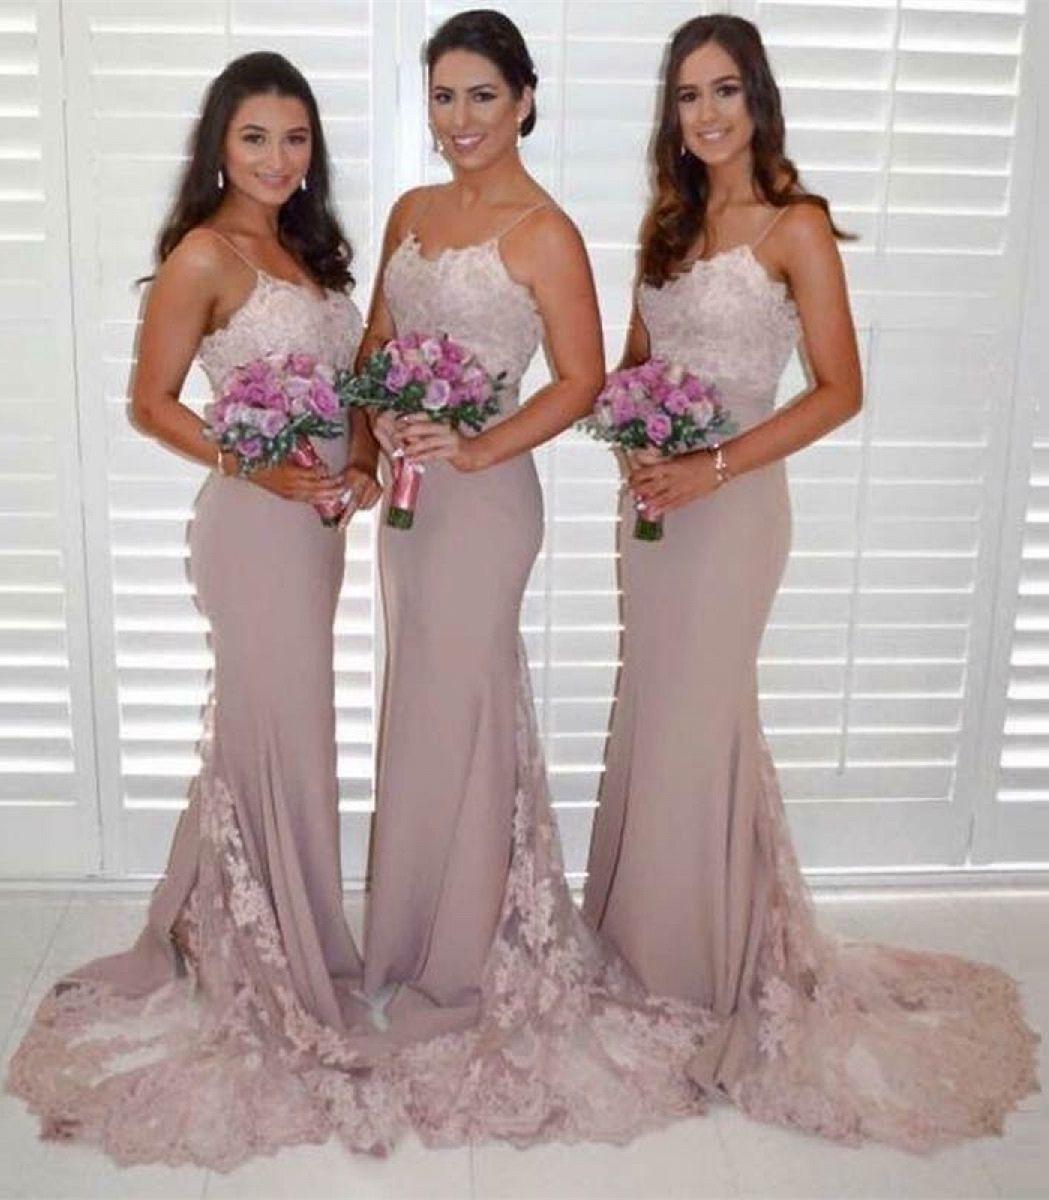 Blush mermaid wedding dress  Mermaid Spaghetti Straps Long Blush Bridesmaid Dress with Appliques